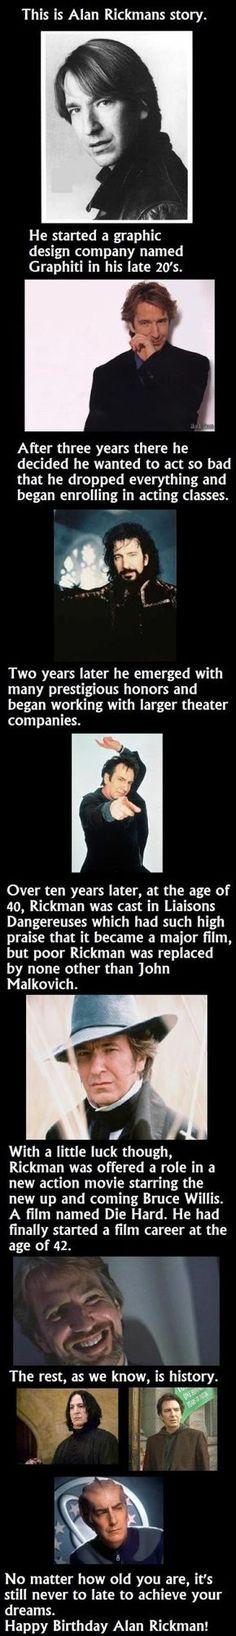 Alan Rickman!